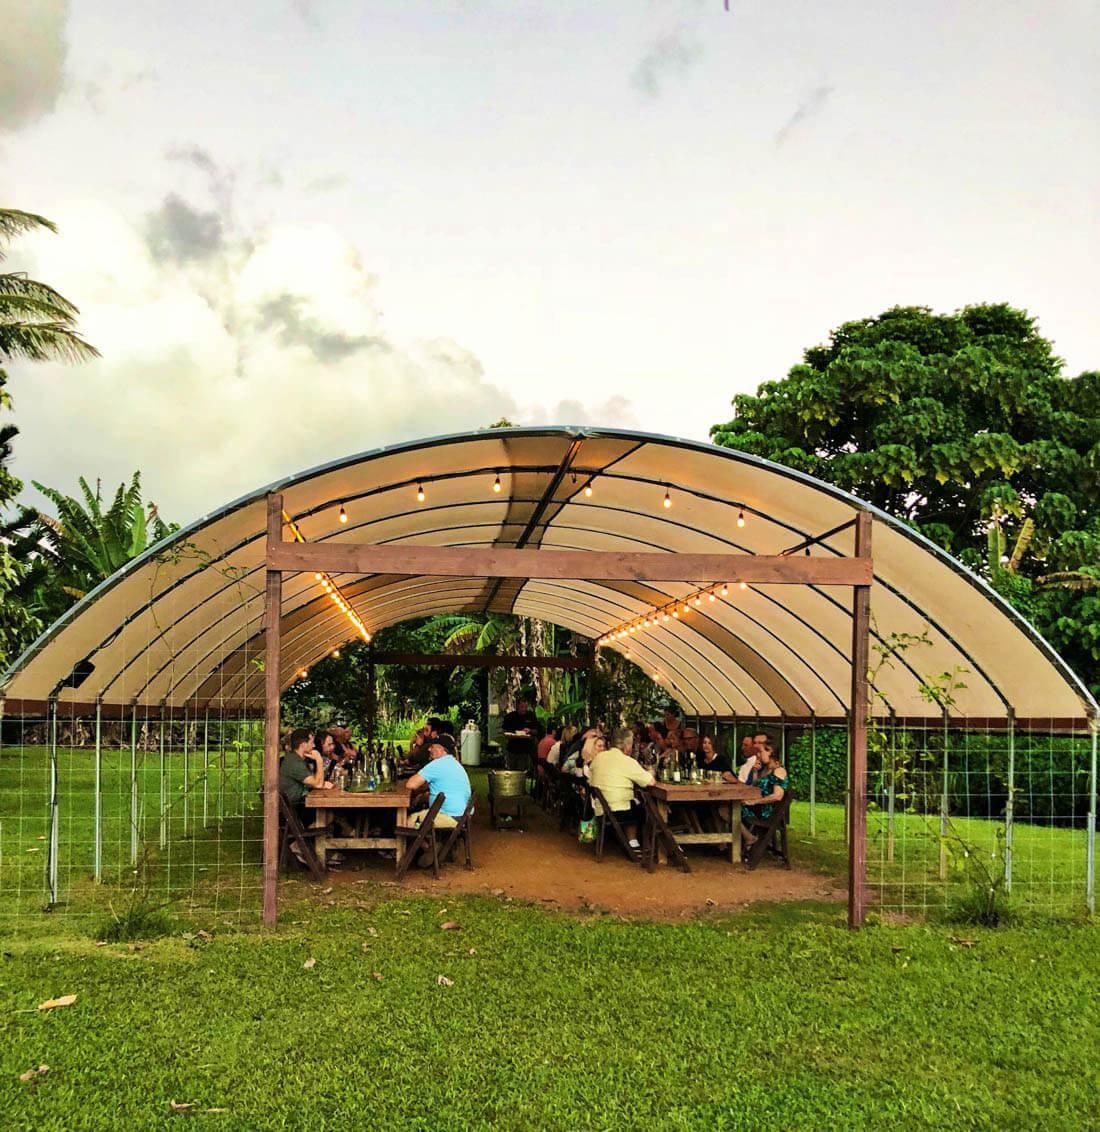 Top Things to Do in Kauai - Kauai Ono